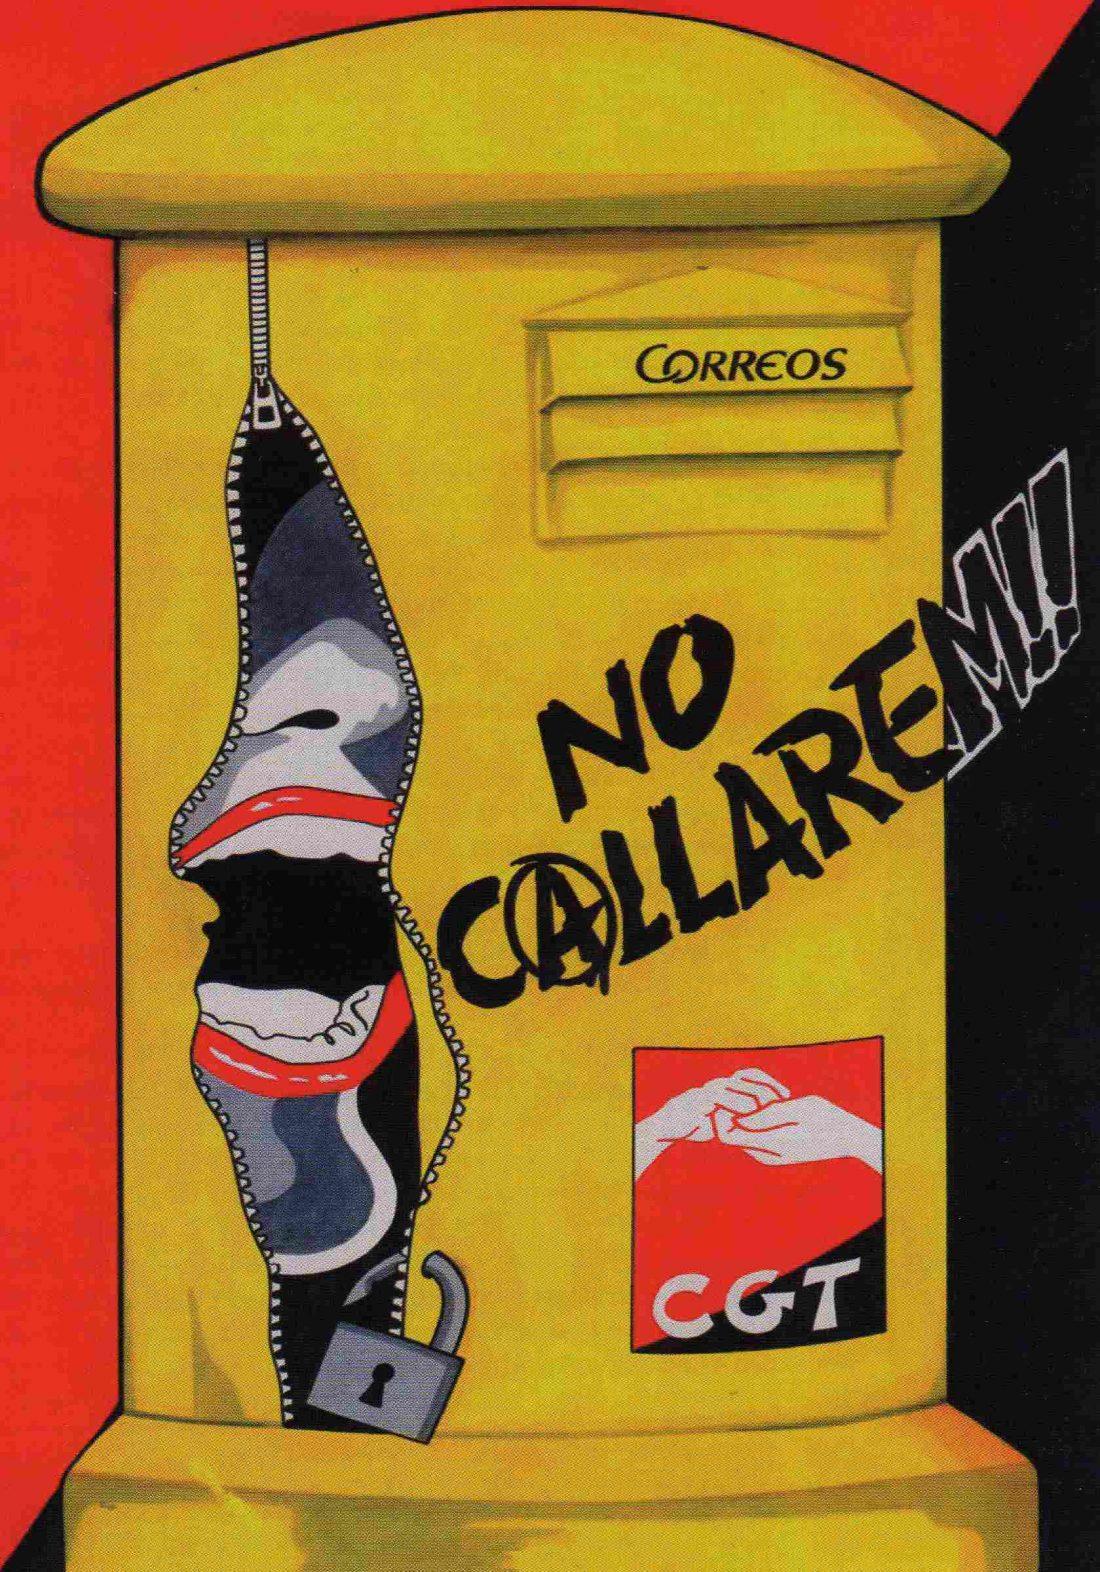 Represión contra CGT en Correos: hablemos claro, basta de tonterias